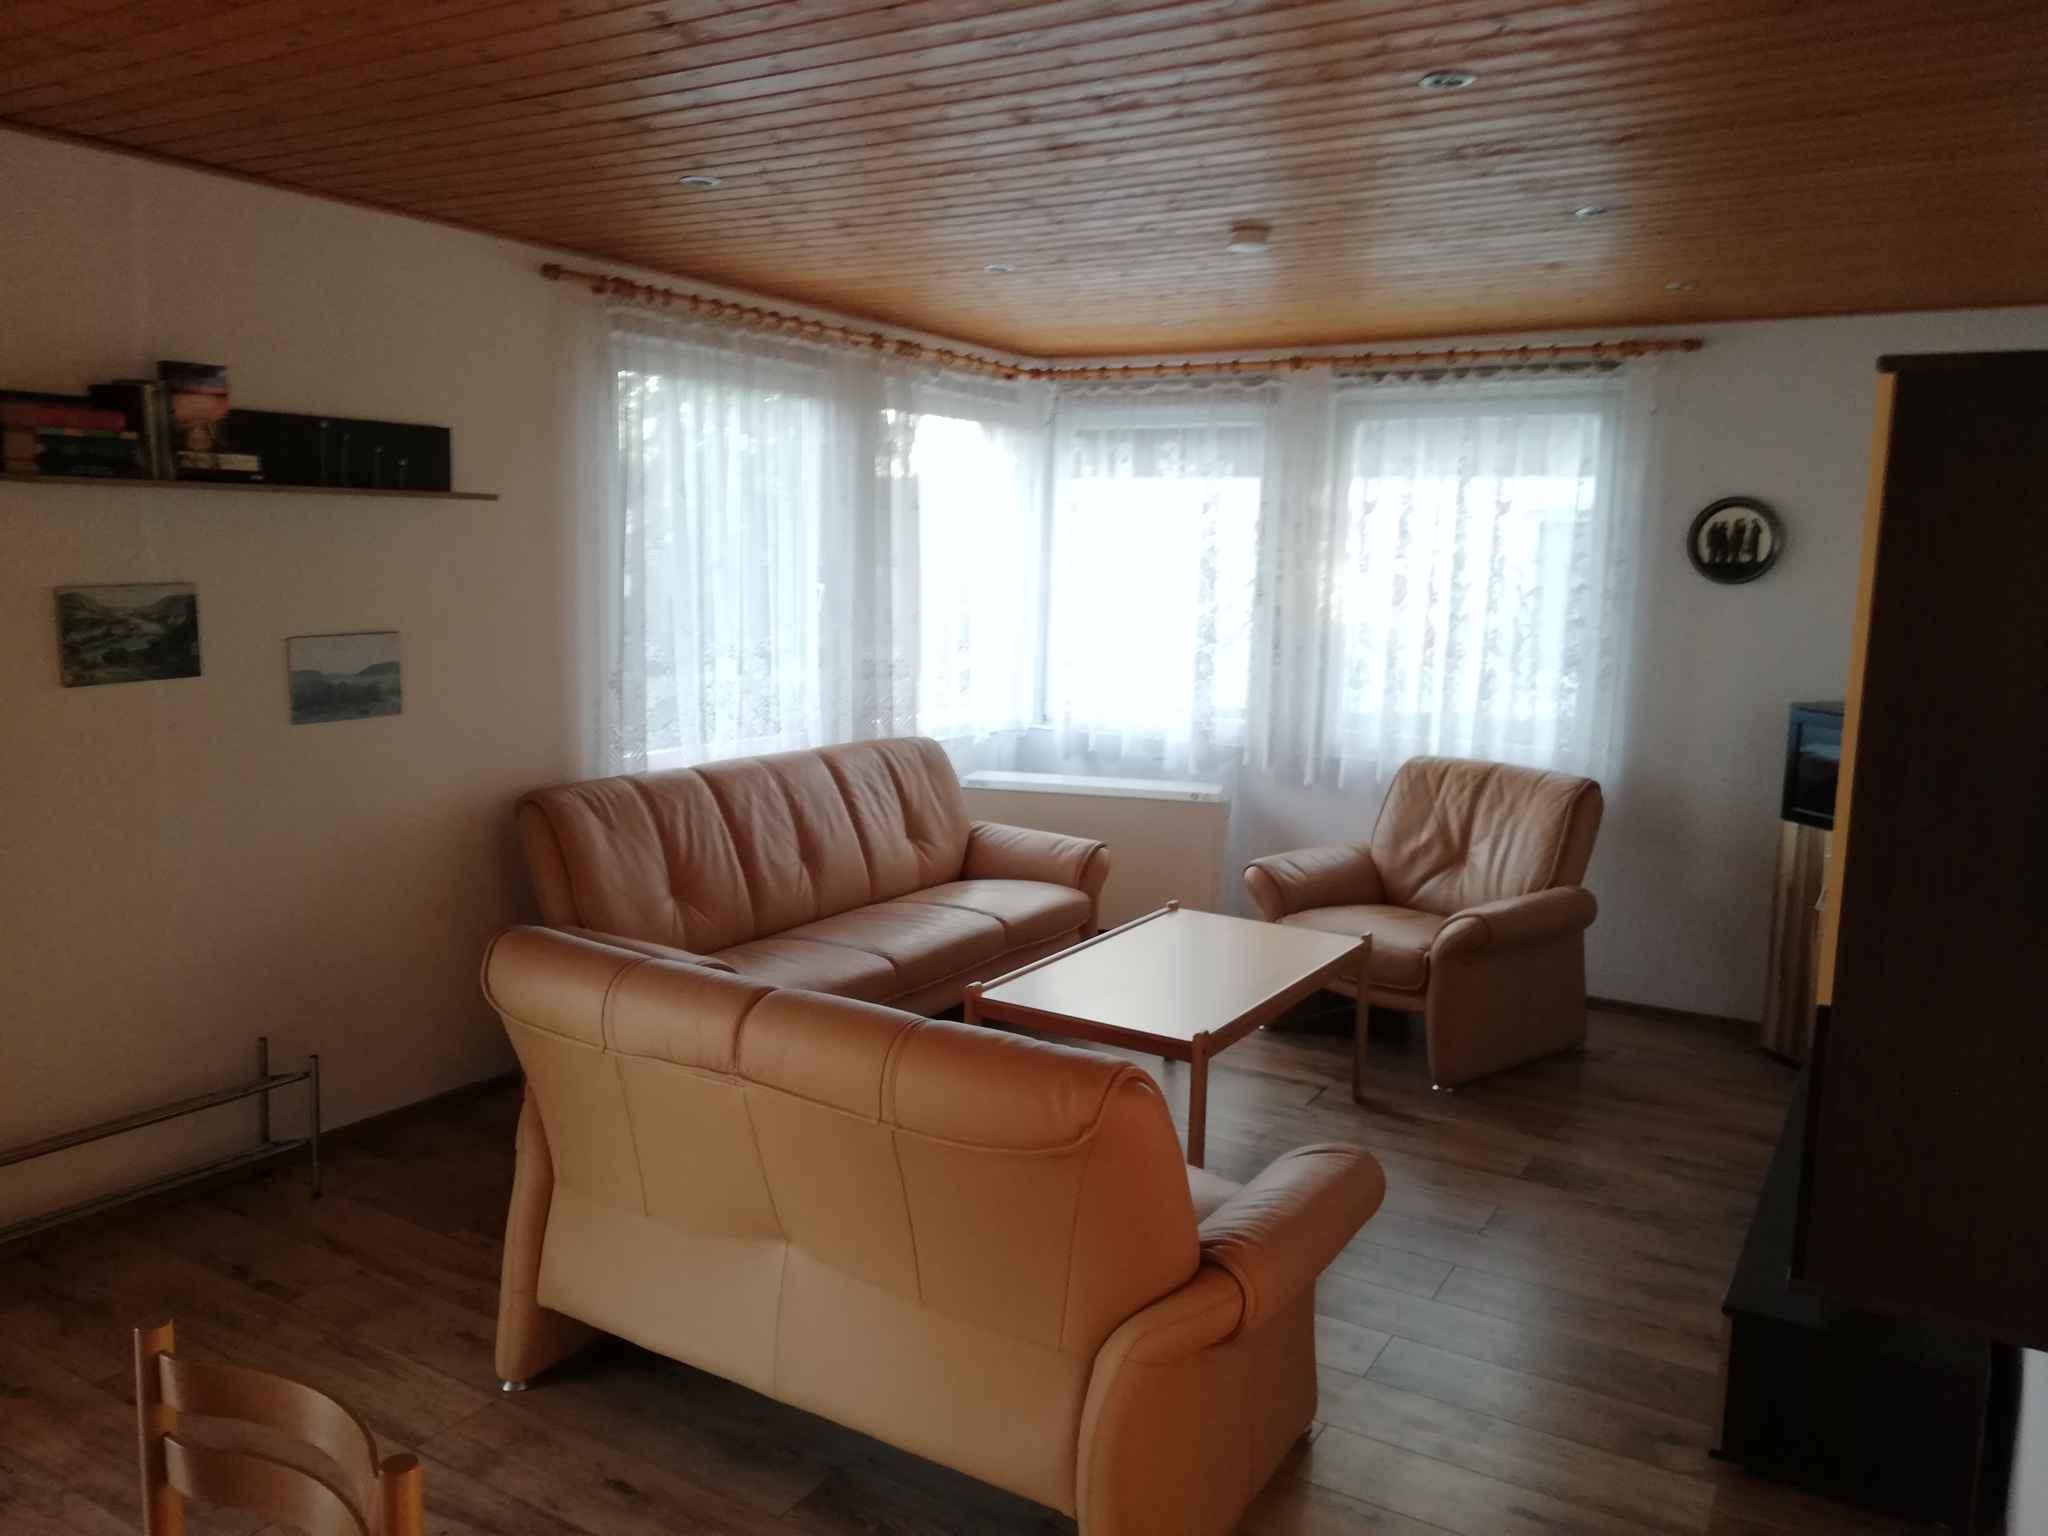 Ferienhaus Bungalow mit Terrasse und Garten (365438), Fuhlendorf, Ostseeküste Mecklenburg-Vorpommern, Mecklenburg-Vorpommern, Deutschland, Bild 16